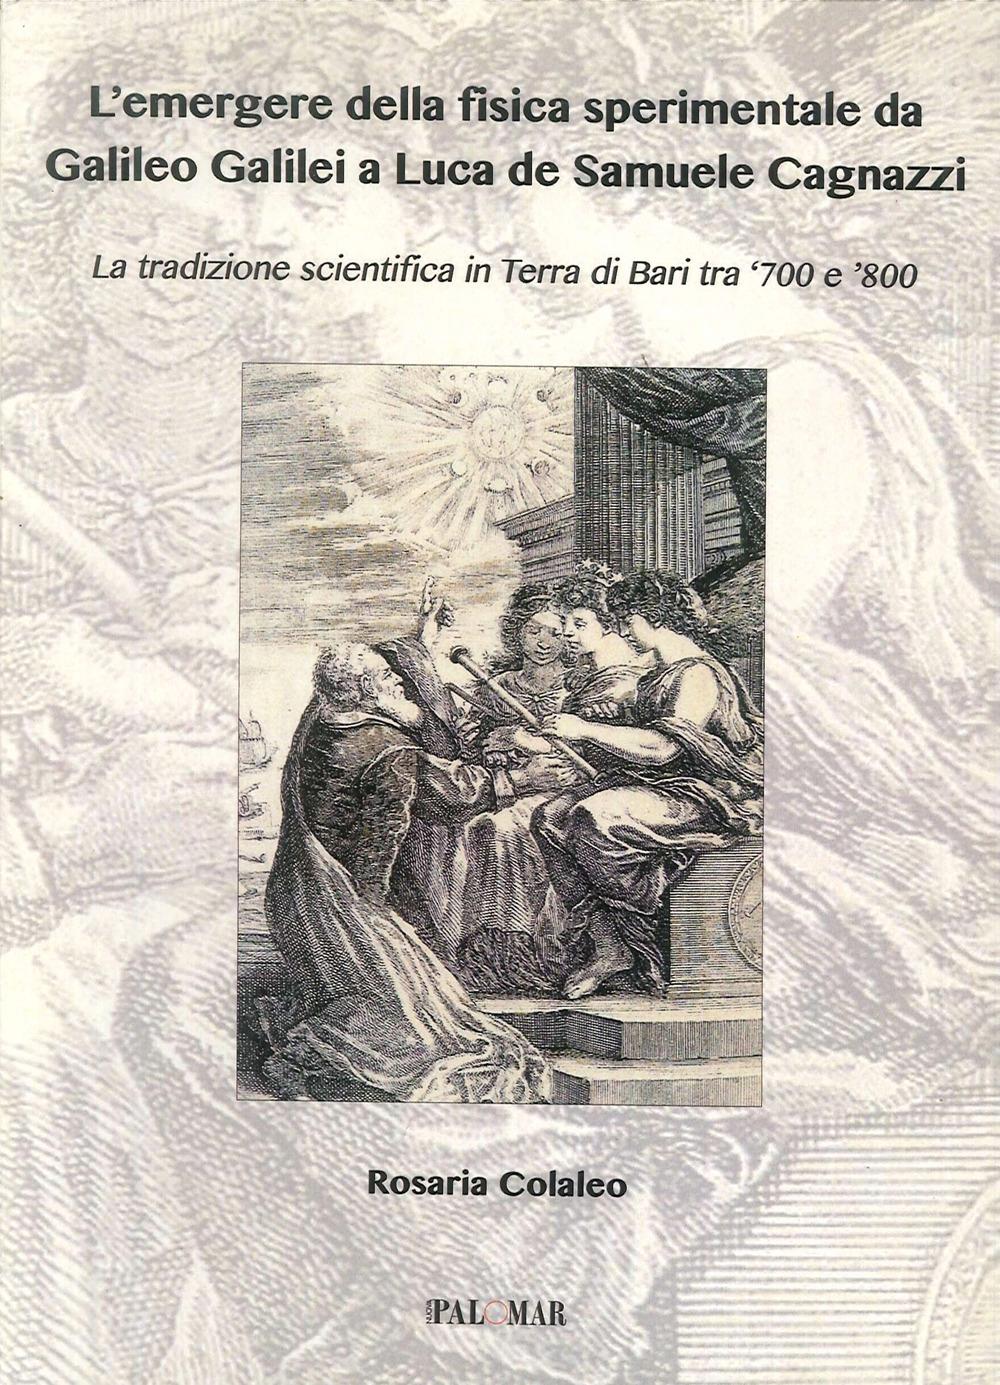 L-039-emergere-della-fisica-sperimentale-da-Galilei-Galileo-a-Luca-de-Samuele-Cagnaz